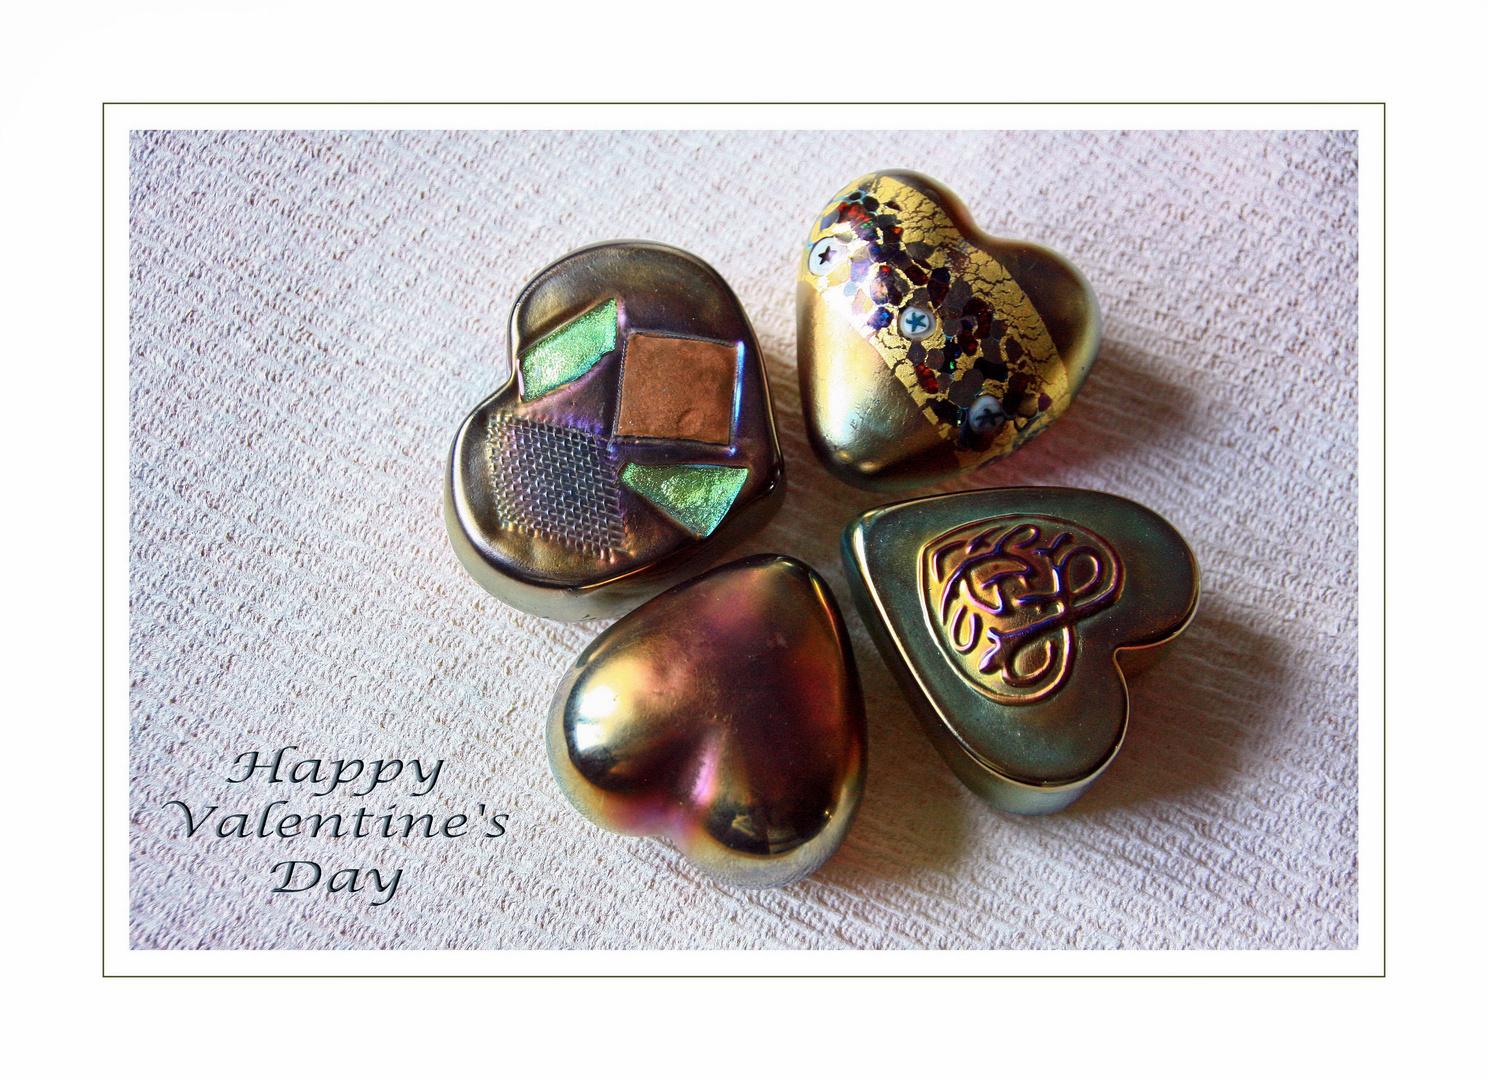 Best Wishes on Valentine's Day